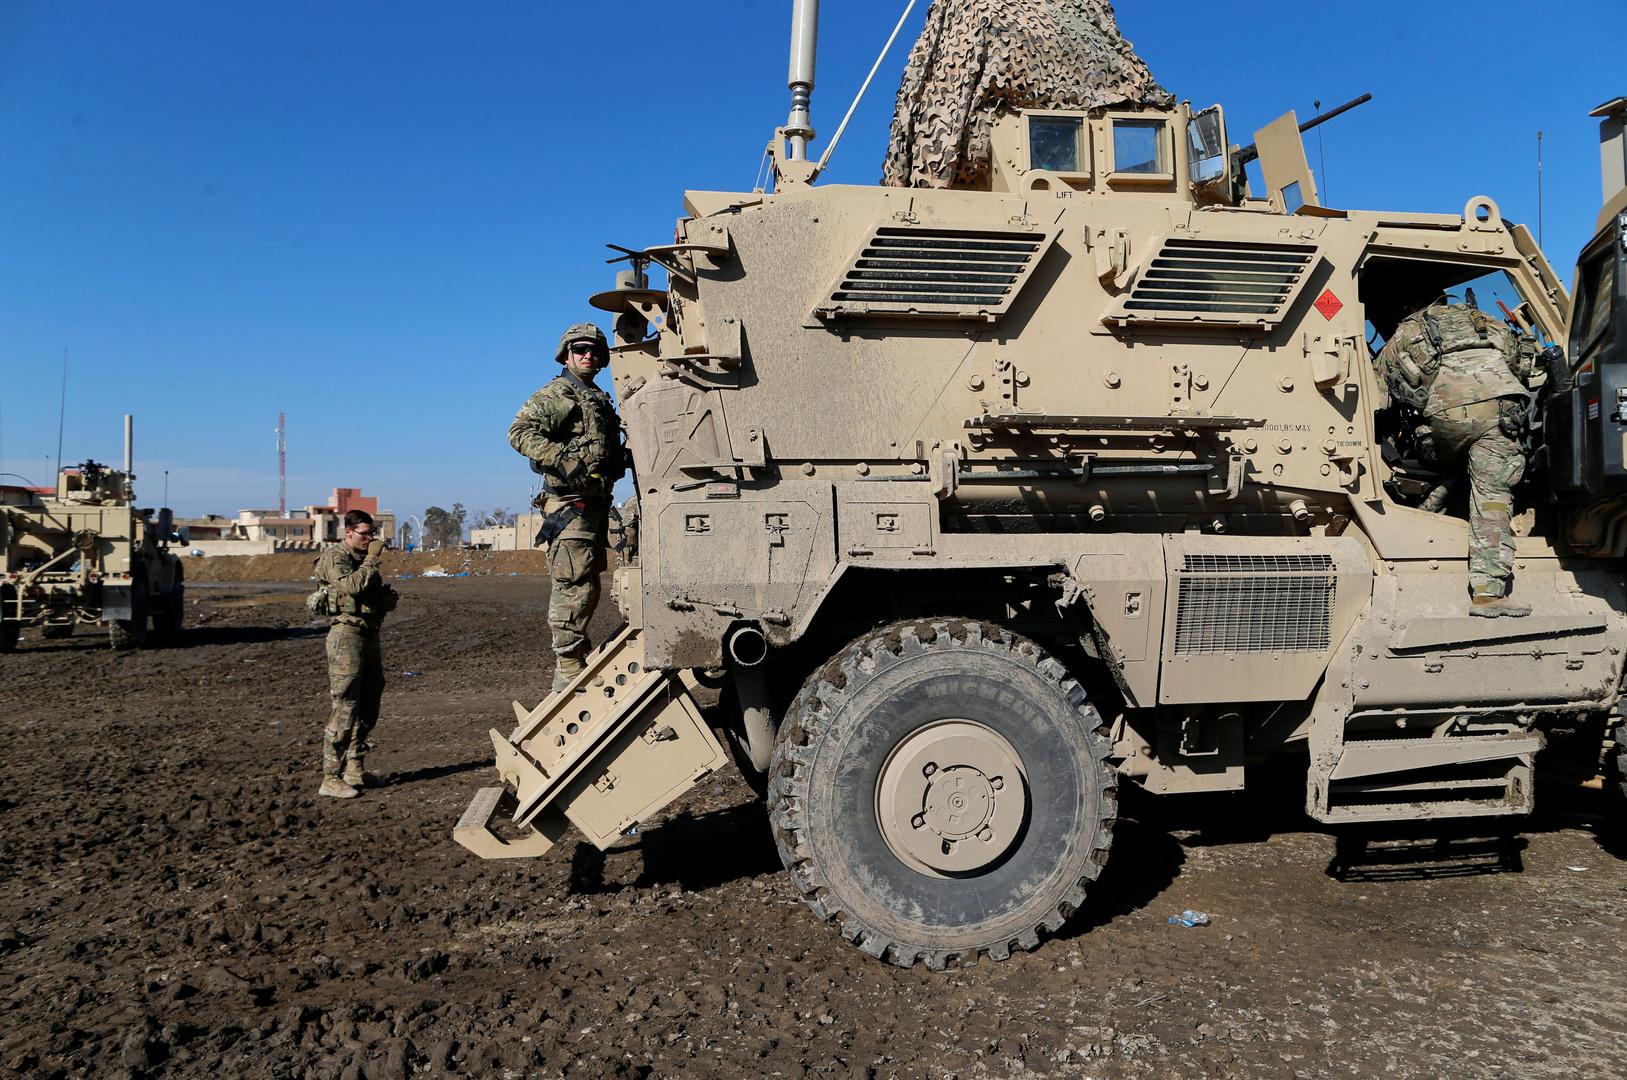 البنتاغون ينشر قوات من مشاة البحرية في محيط سفارة الولايات المتحدة لدى العراق (صور)